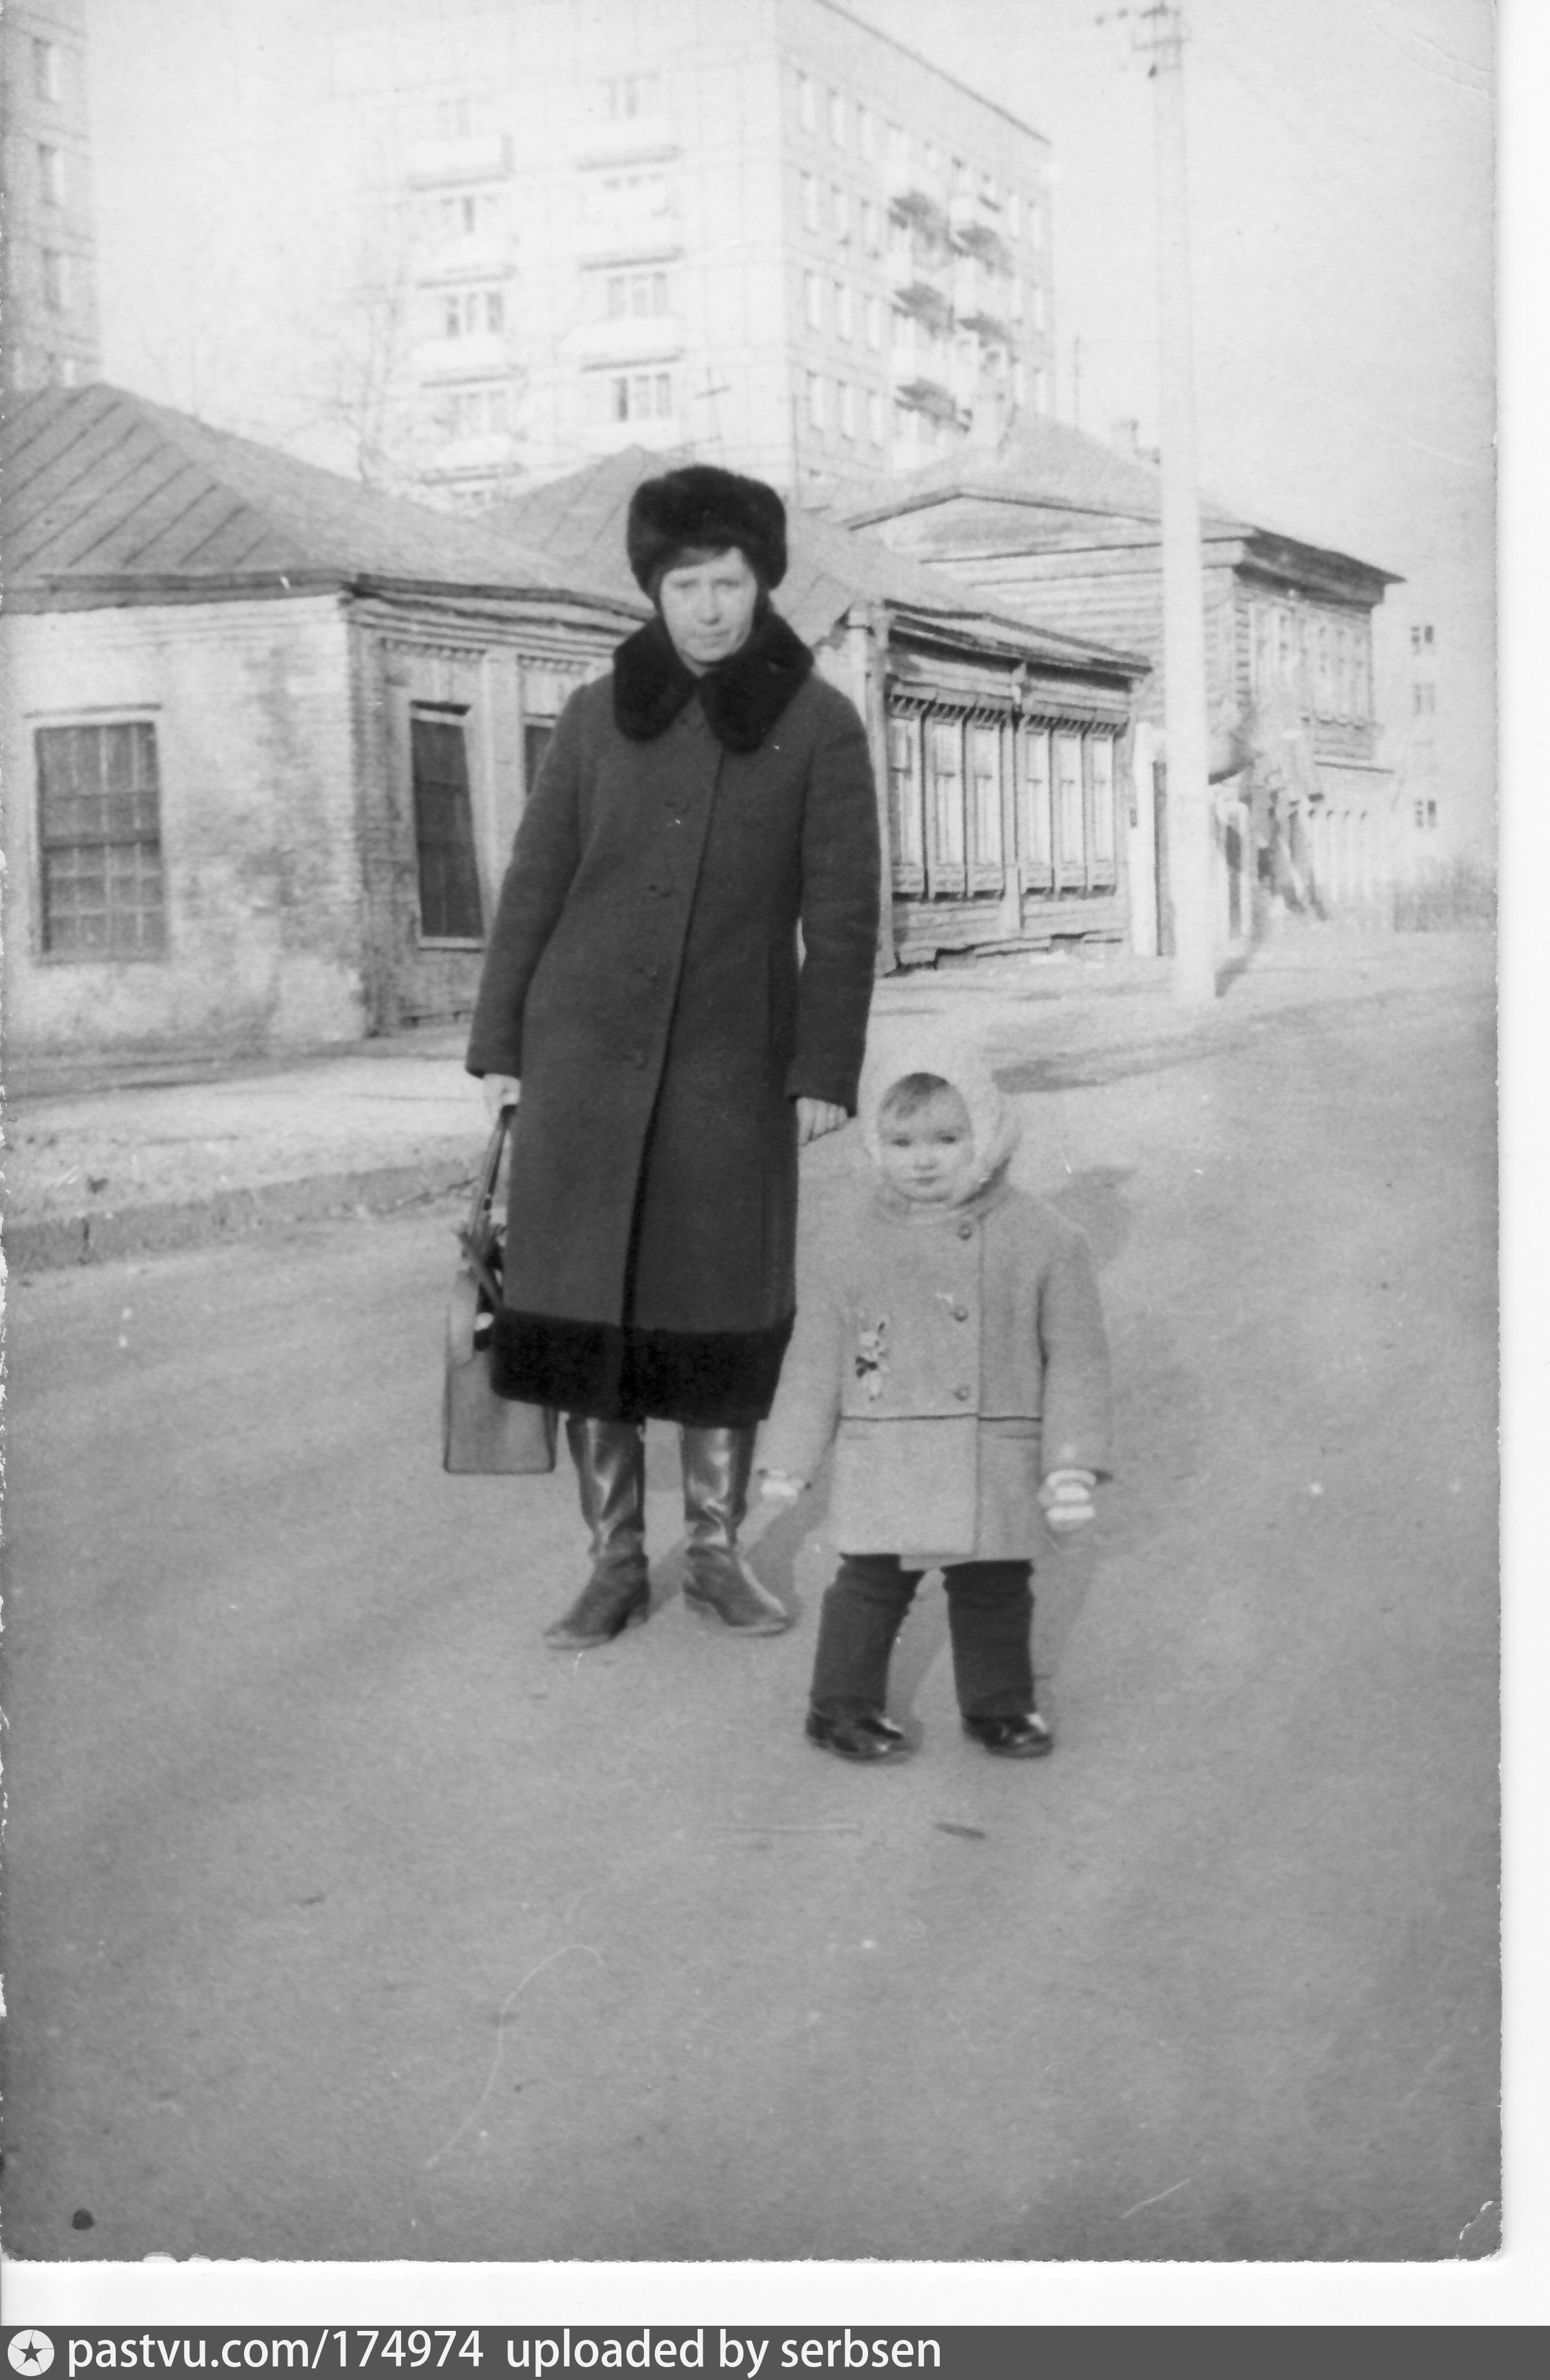 ильич старые фото улица большая марьинская будьте осторожны